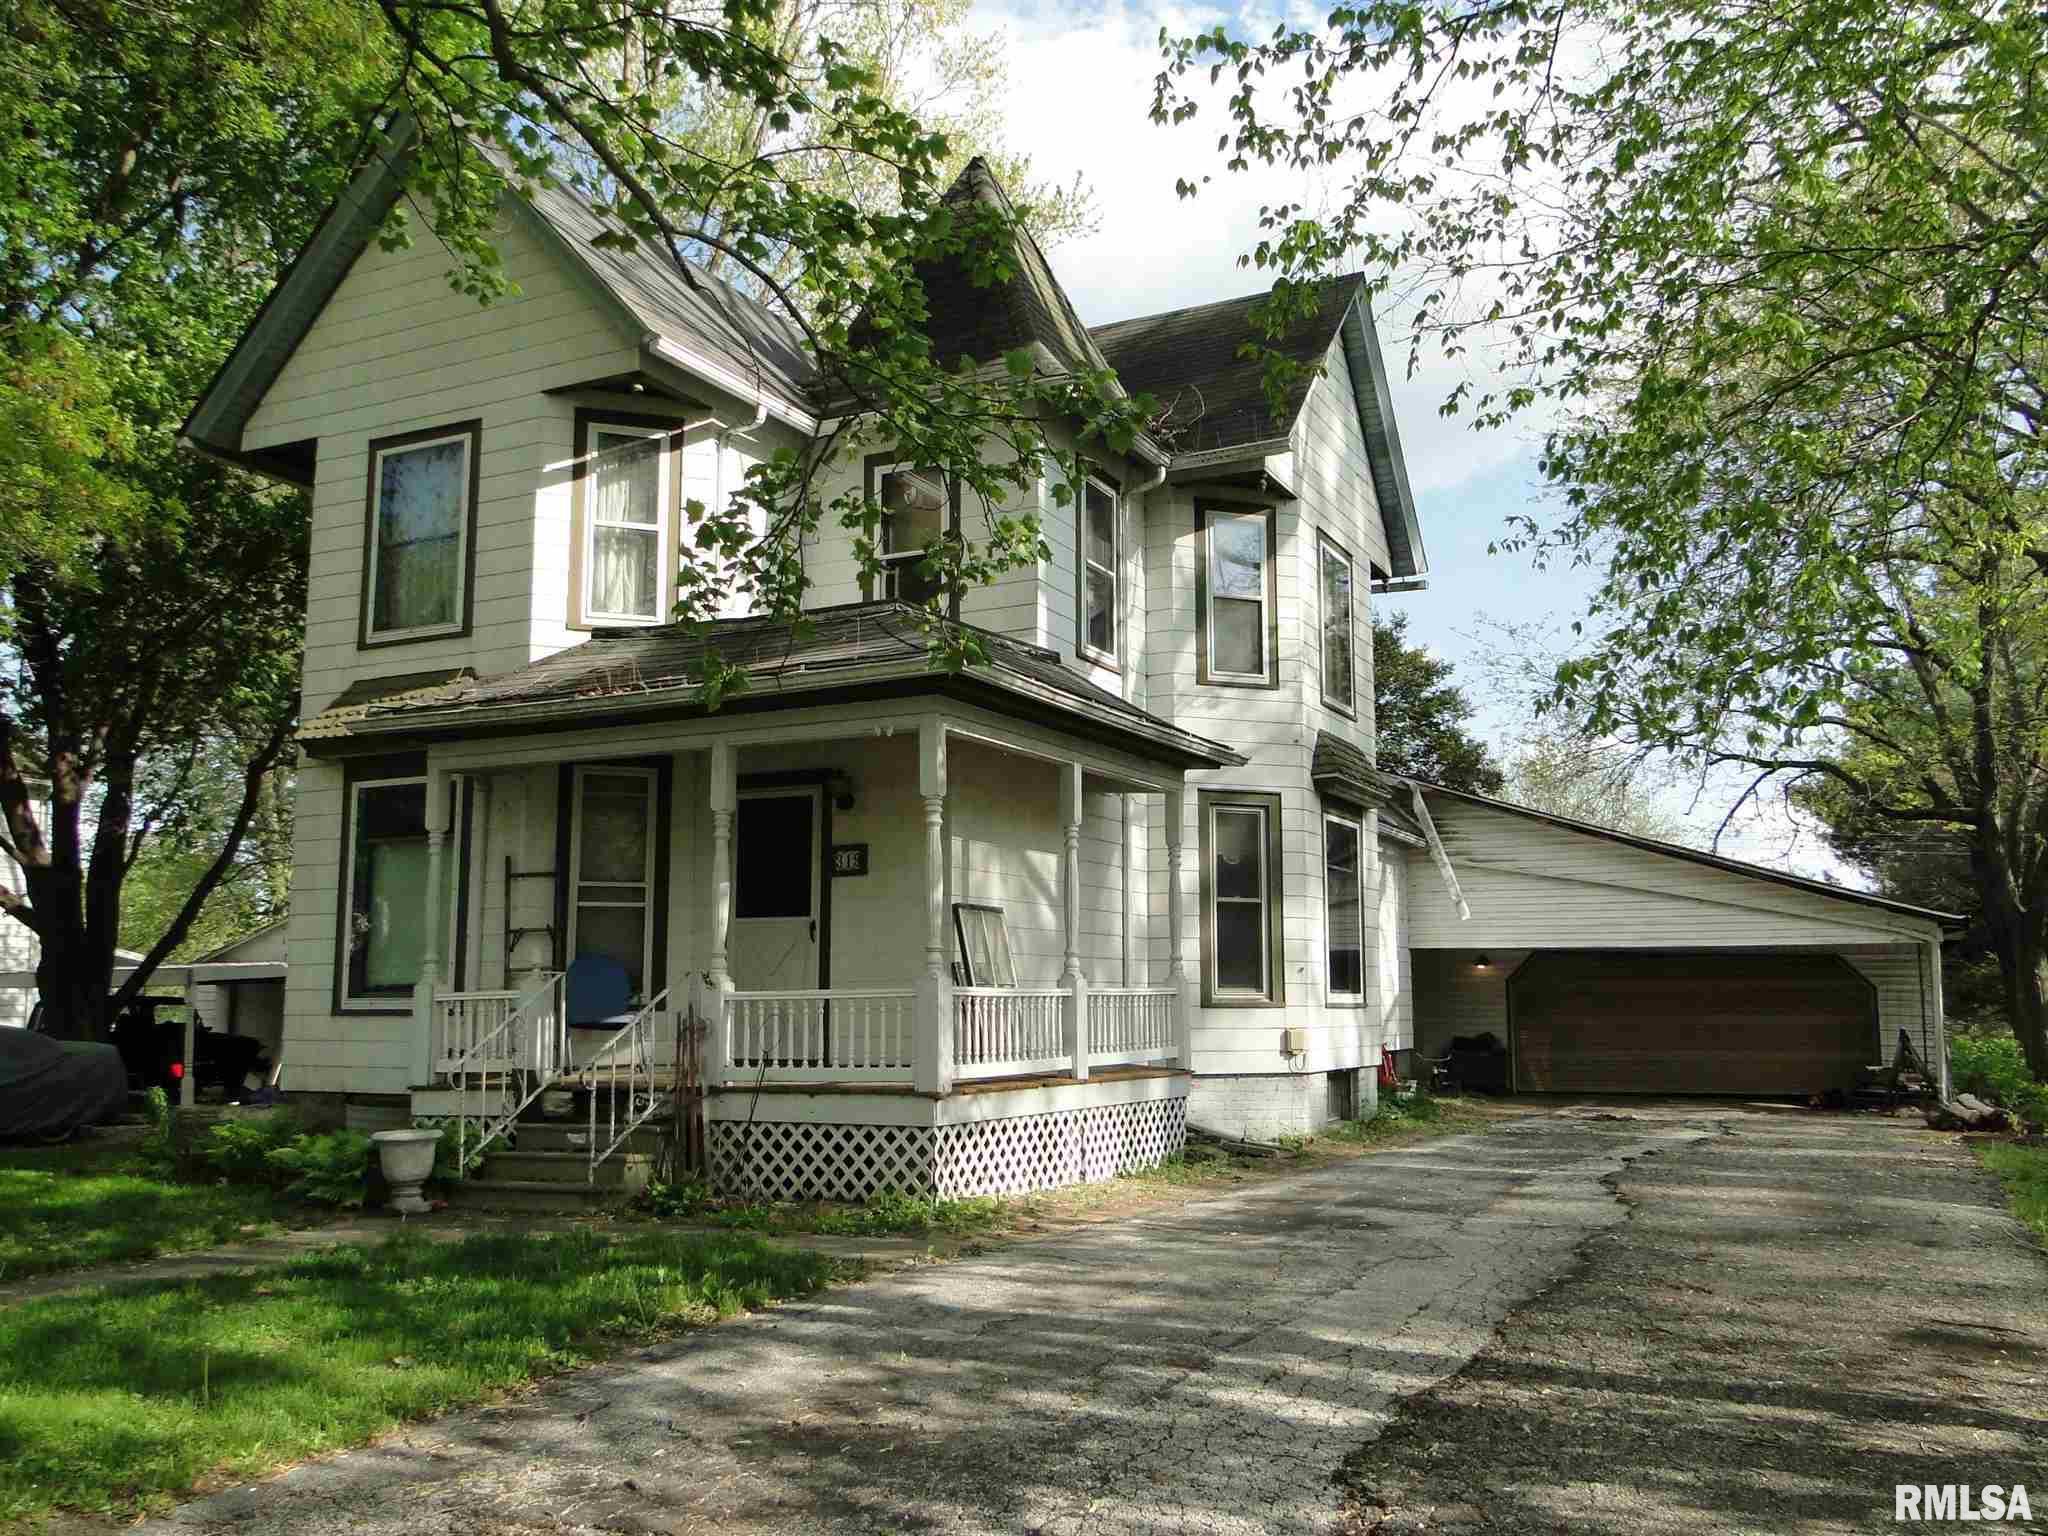 319 E CORTLAND Property Photo - Avon, IL real estate listing